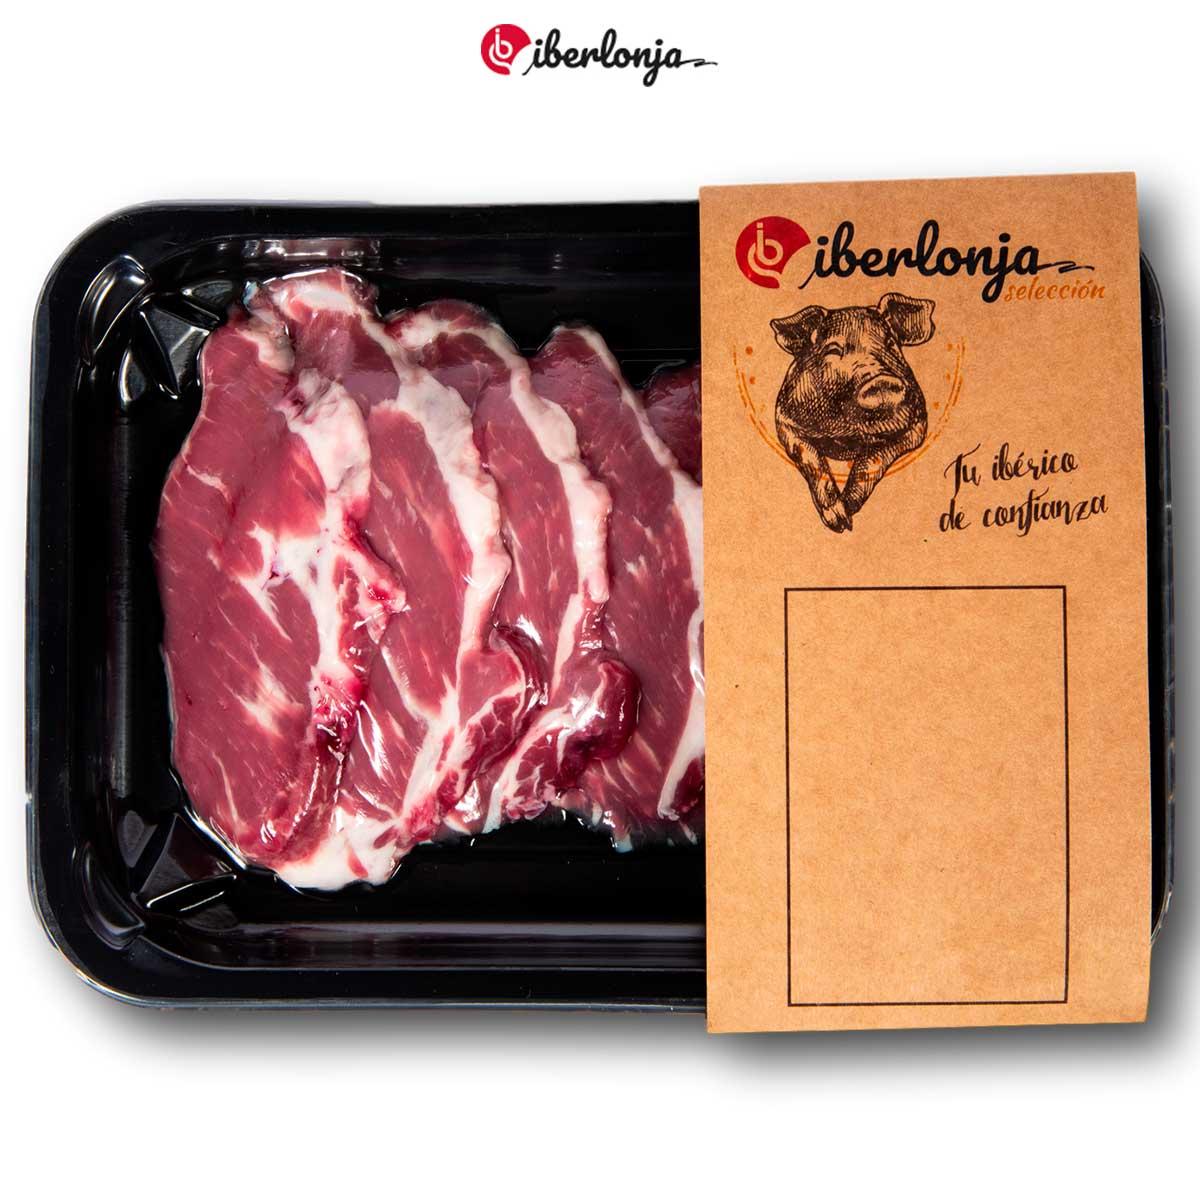 Ibericoparatodos | iberlonja presa iberico skin web | iberlonja